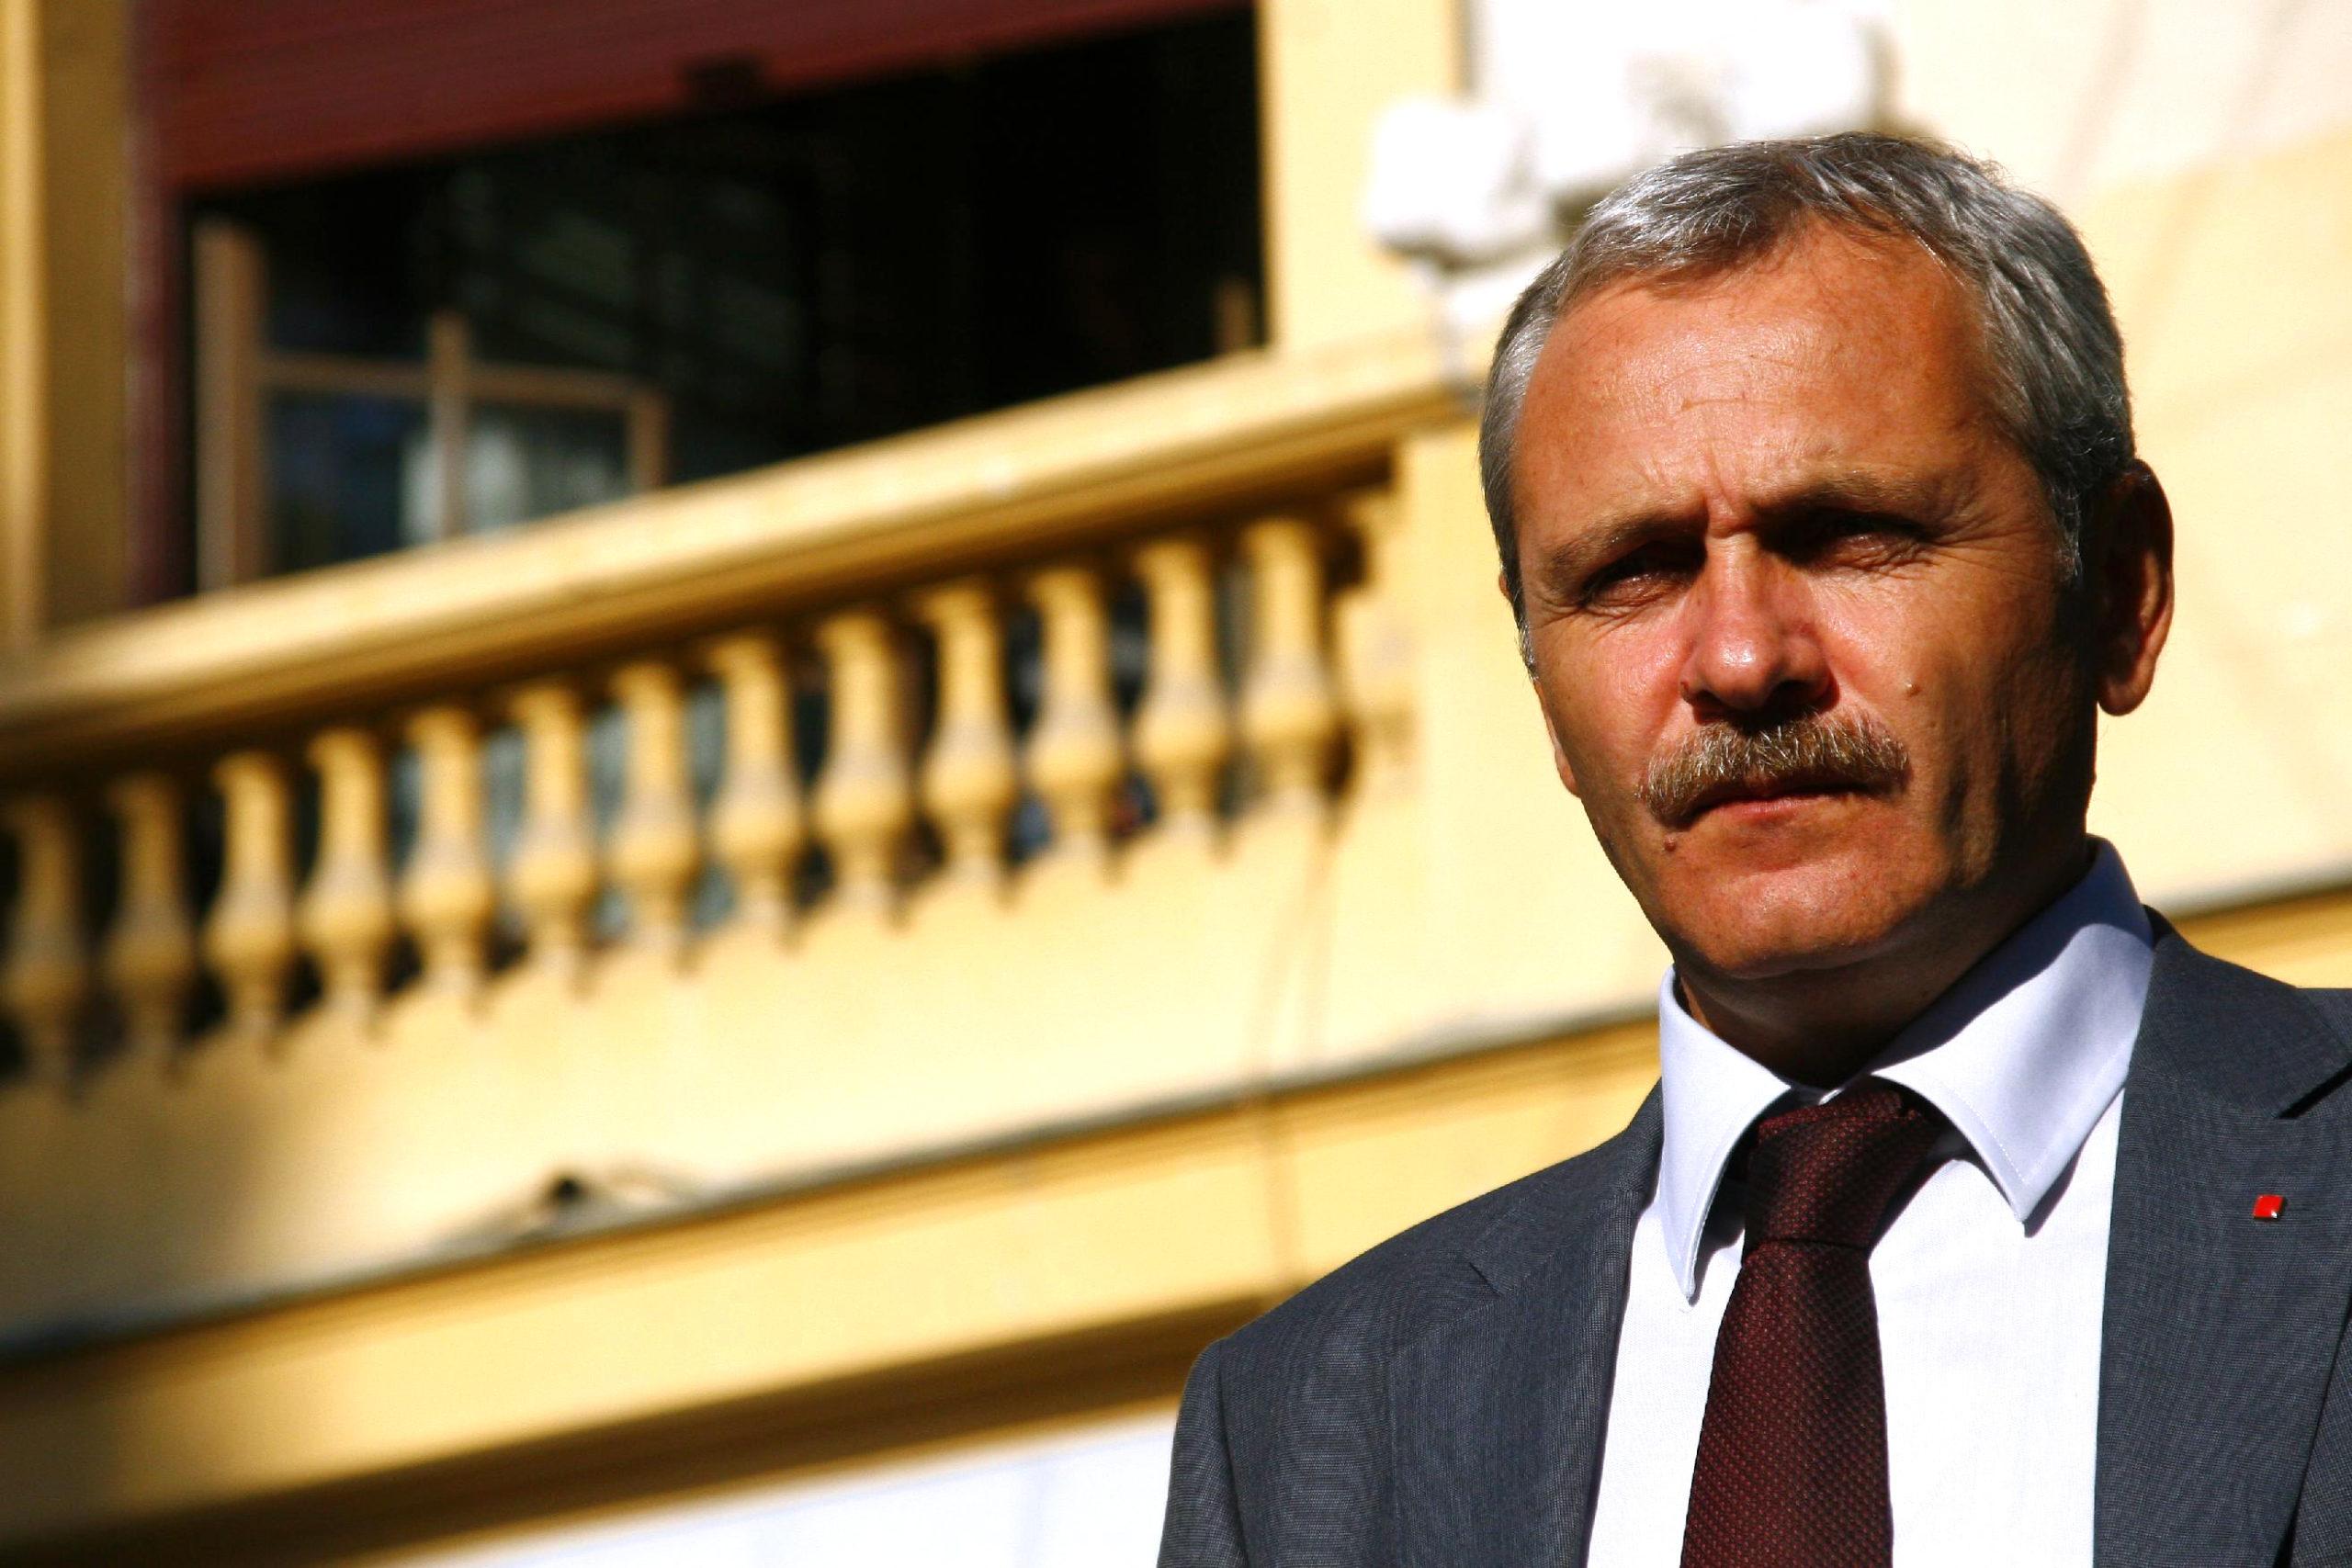 Liviu Dragnea, la începuturile ascensiunii sale politice. FOTO: Octav Ganea/ MEDIAFAX